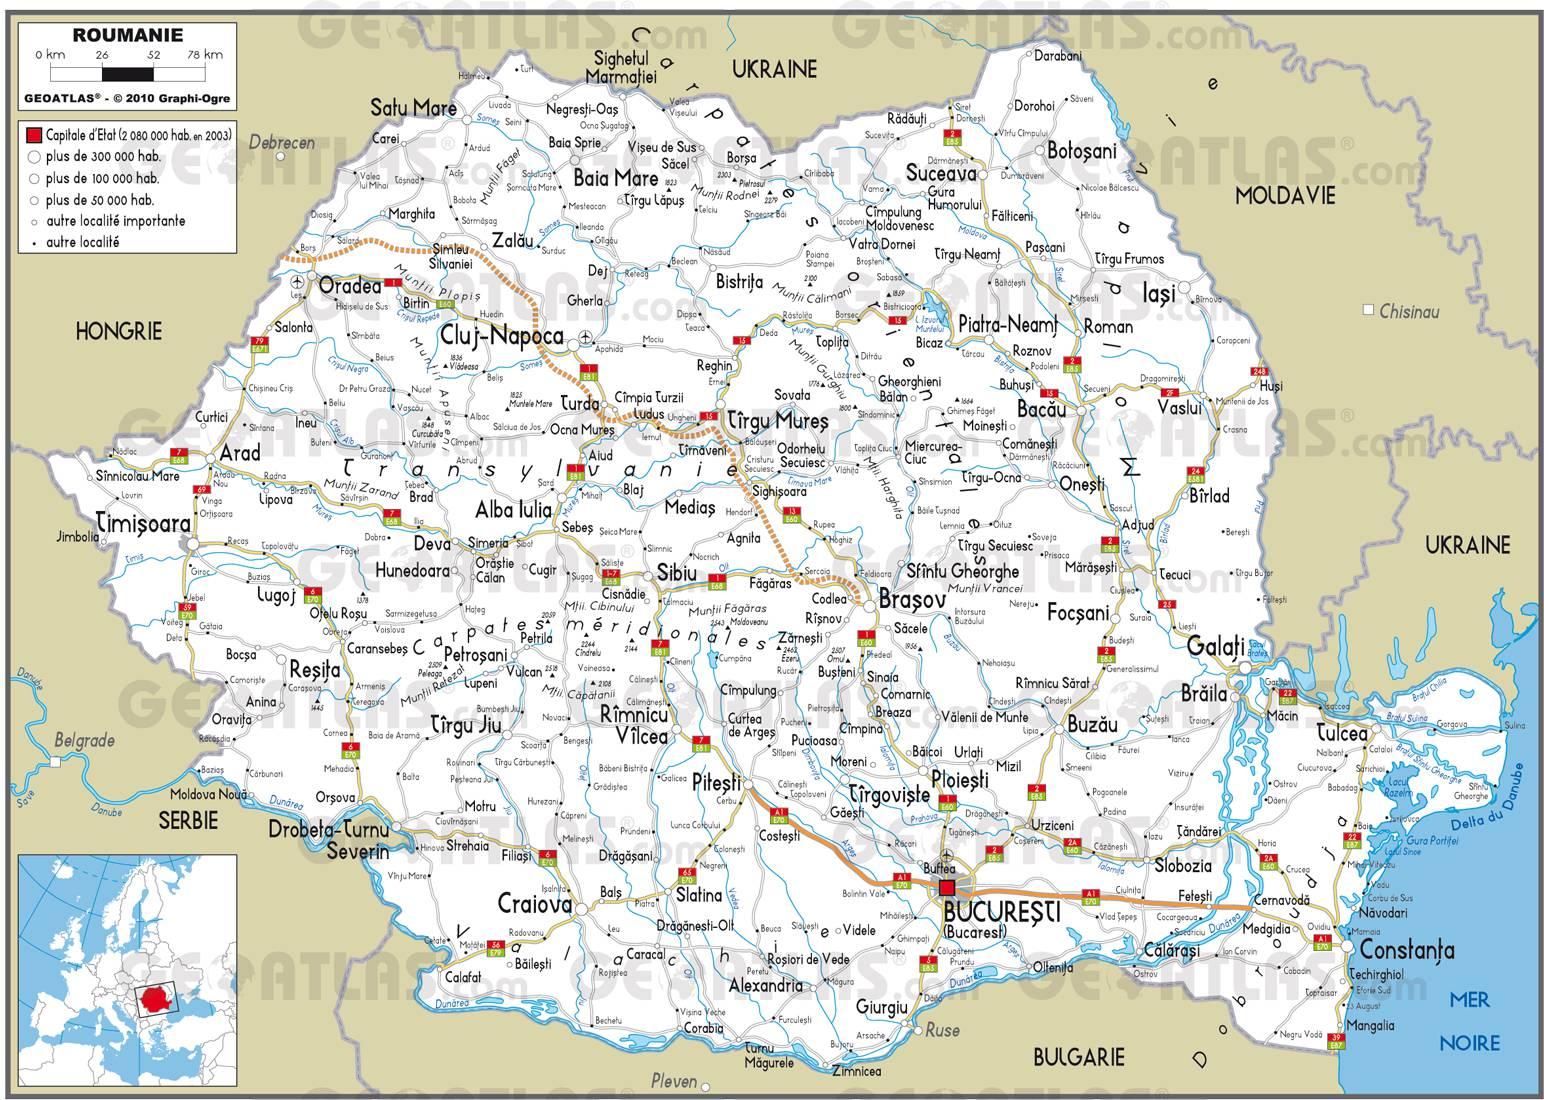 Carte routière de la Roumanie